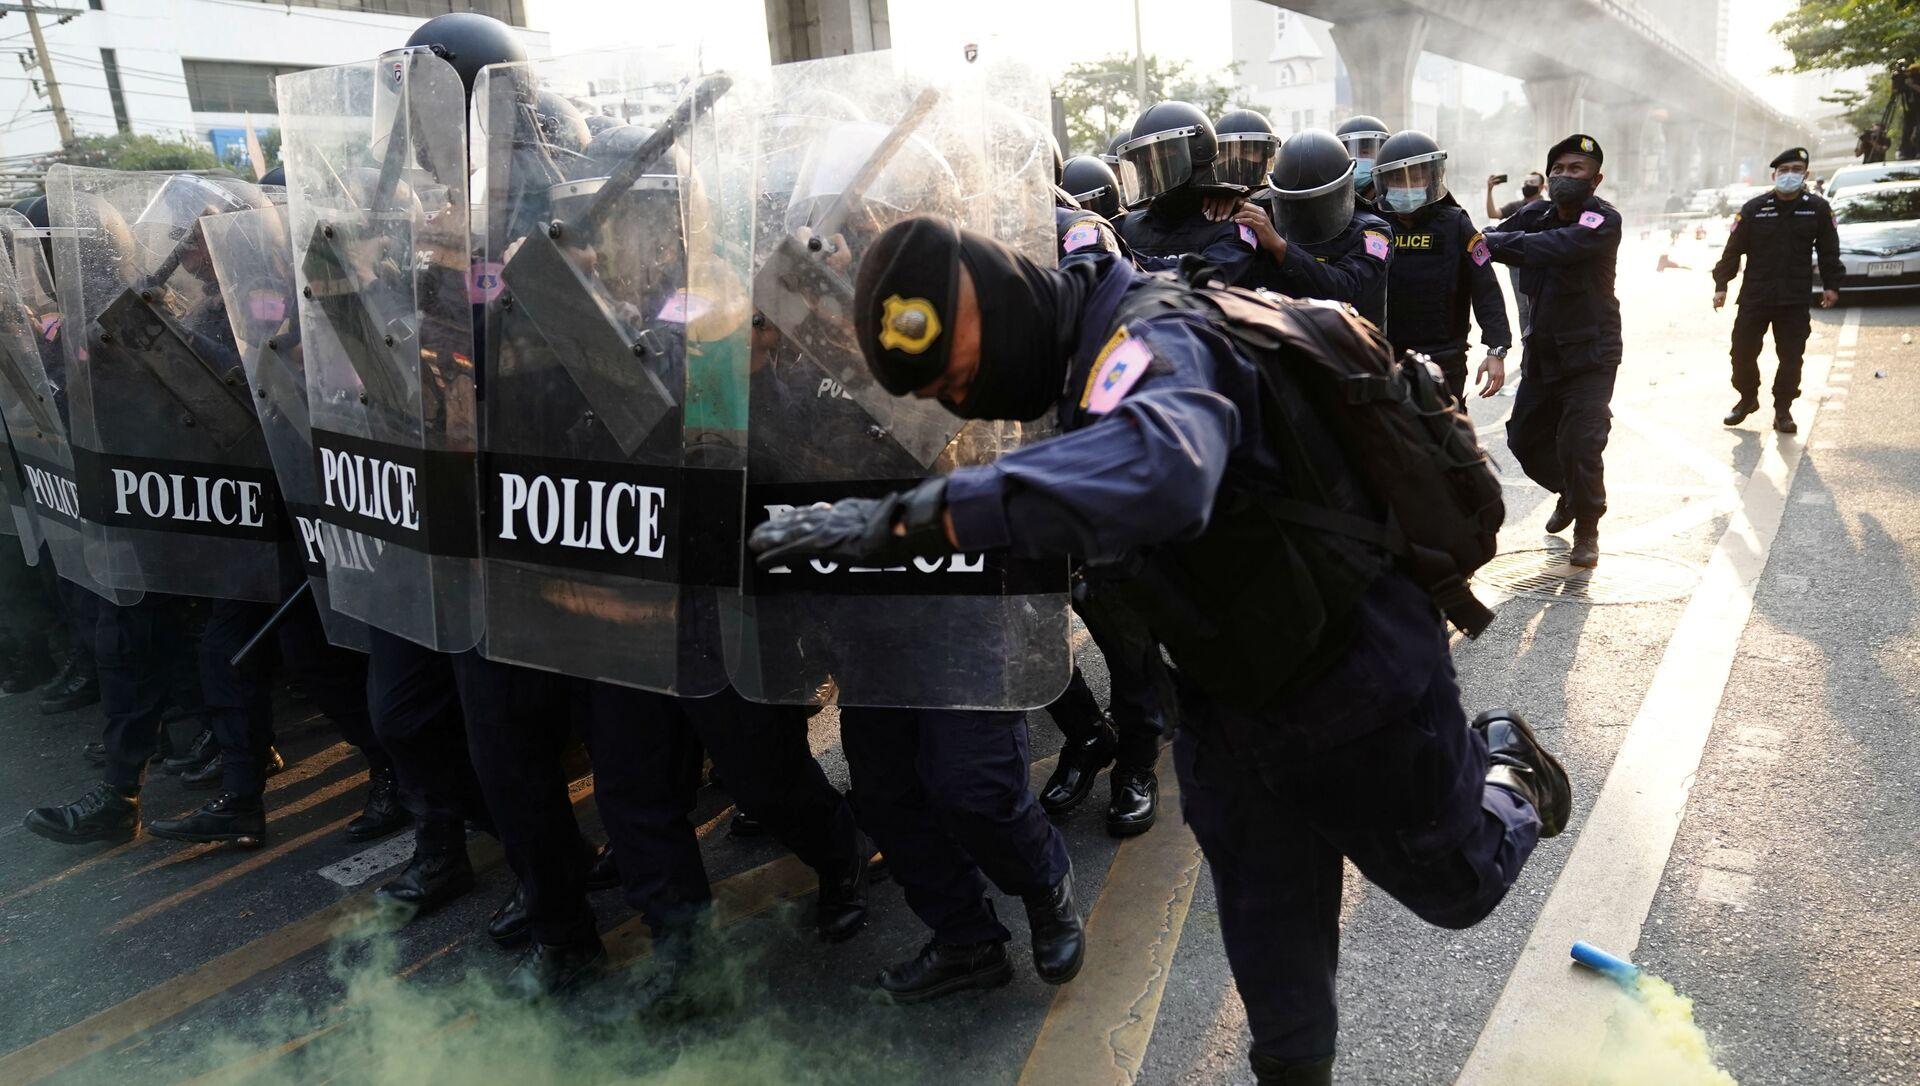 Protesta contra el gobierno tailandés frente a la embajada de Birmania en Bangkok - Sputnik Mundo, 1920, 01.02.2021